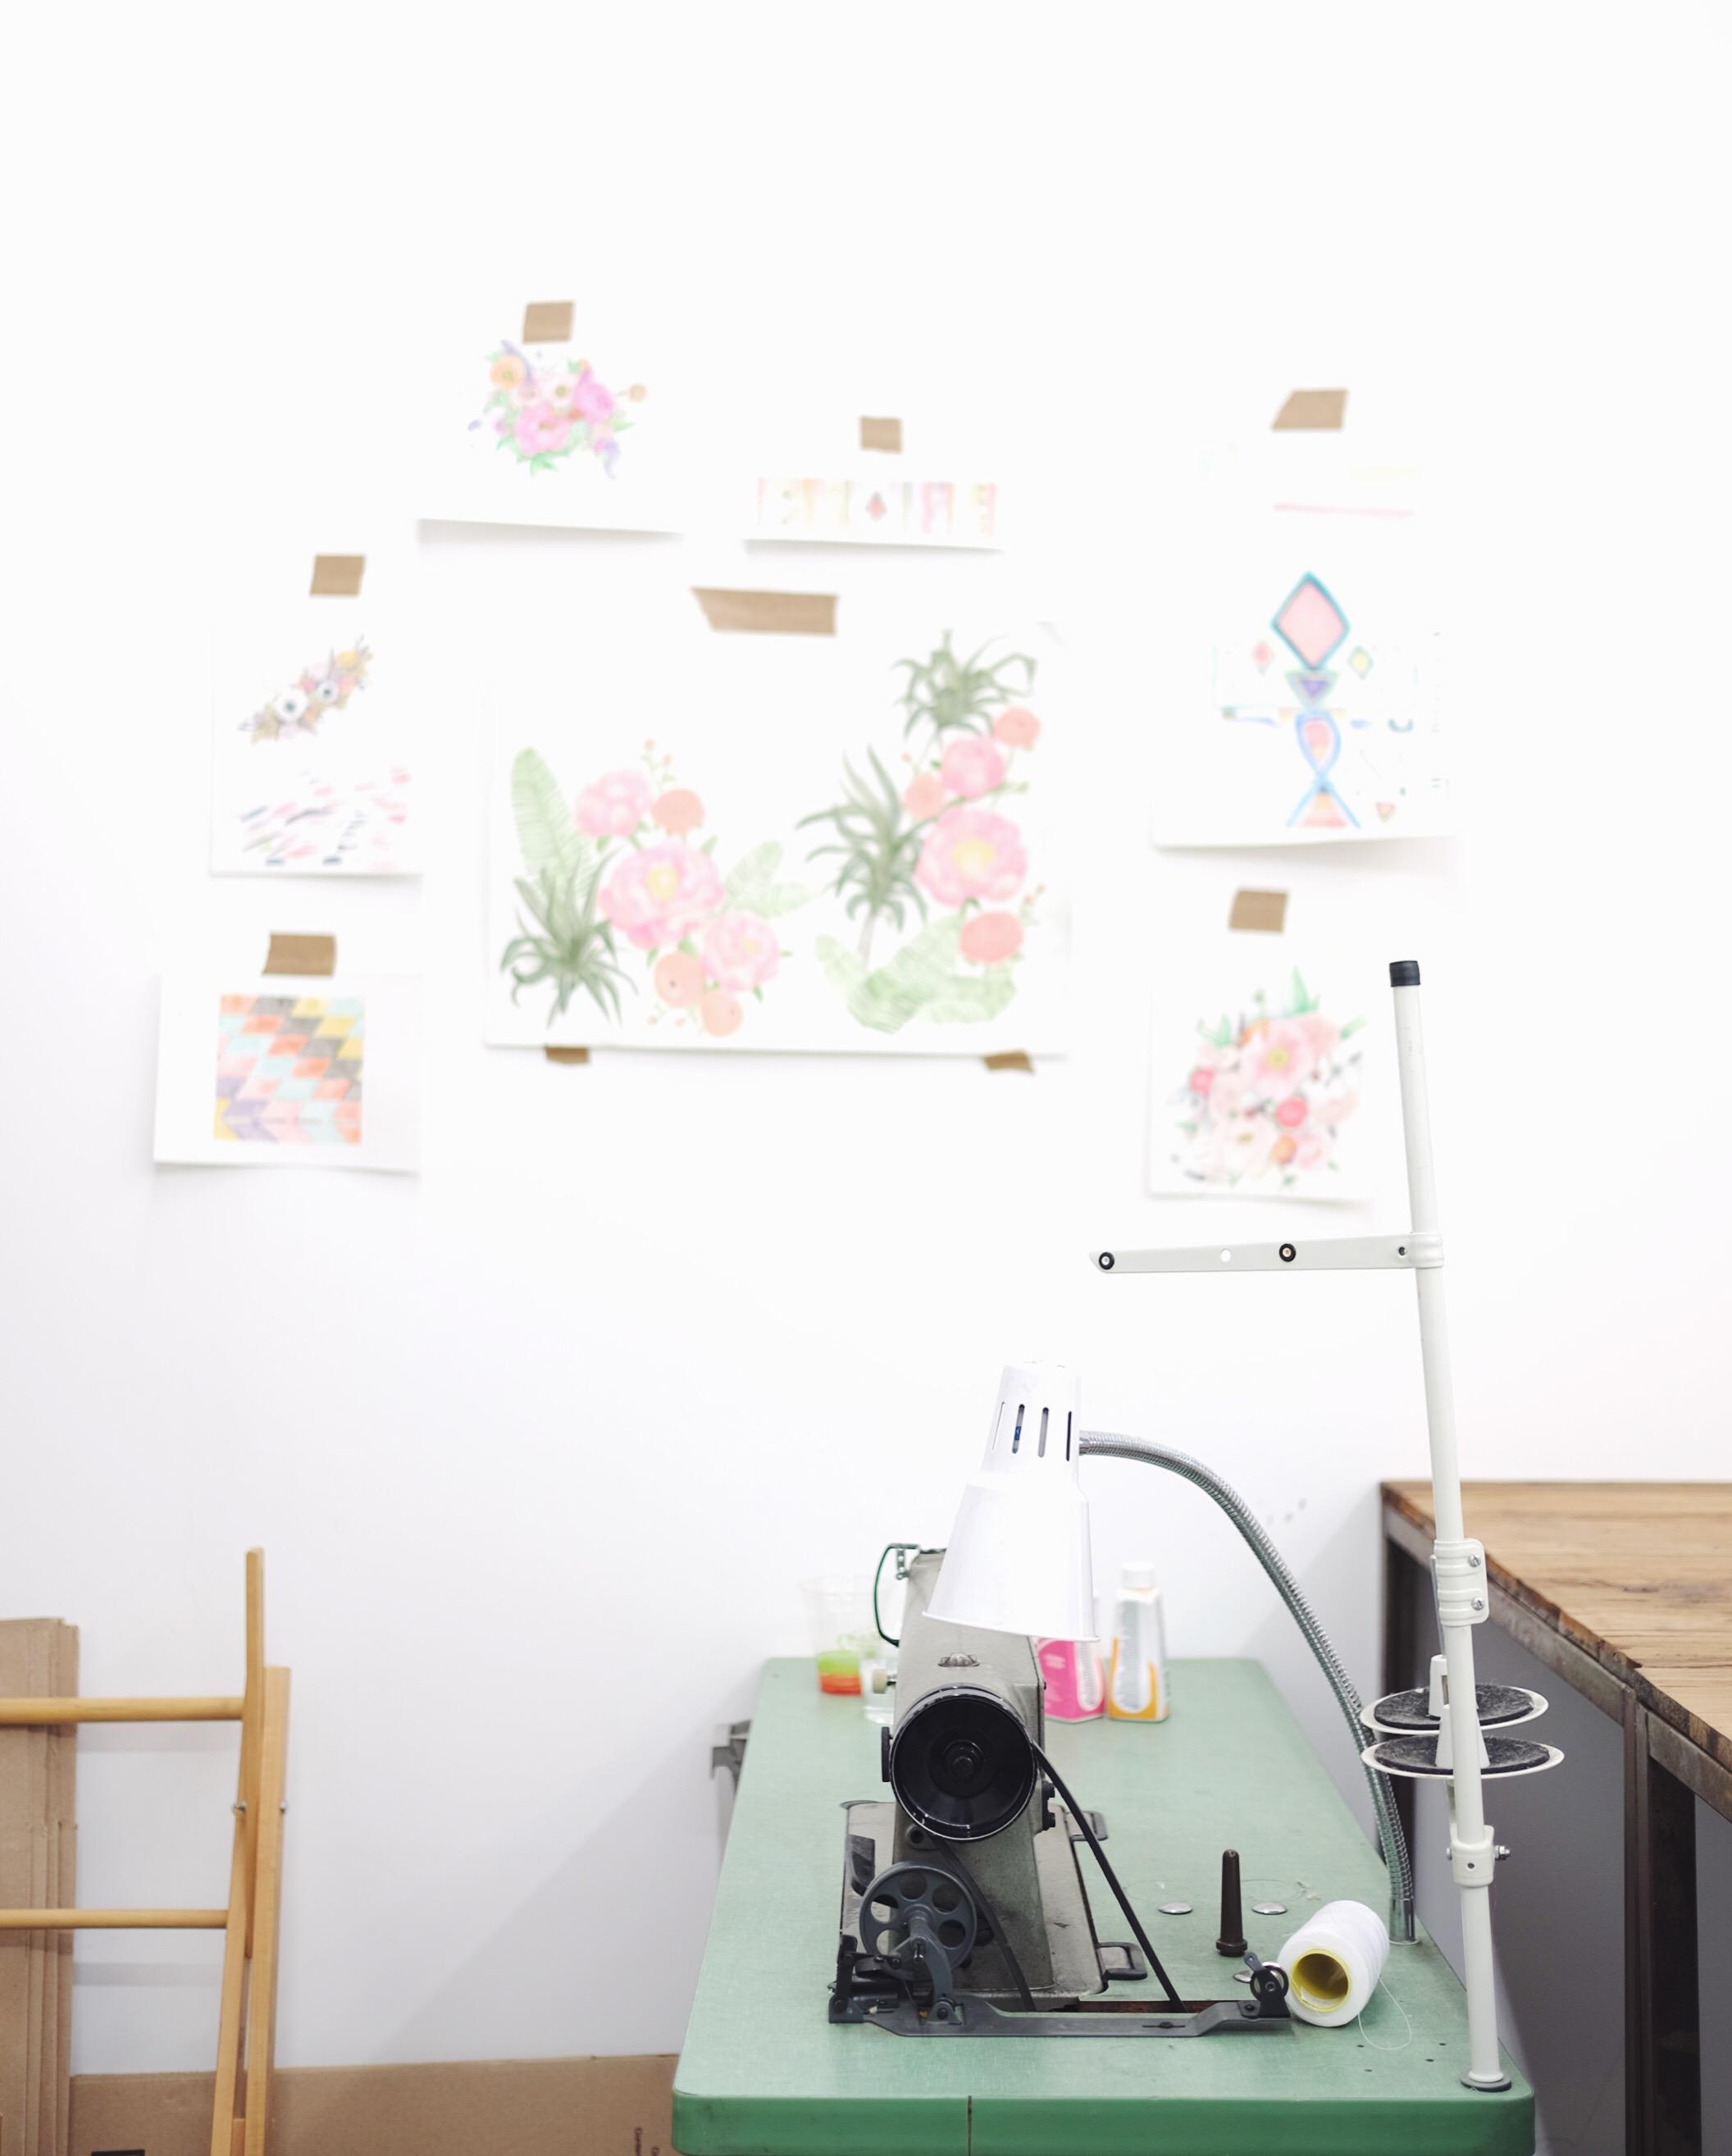 Samantha Santana 's Workspace